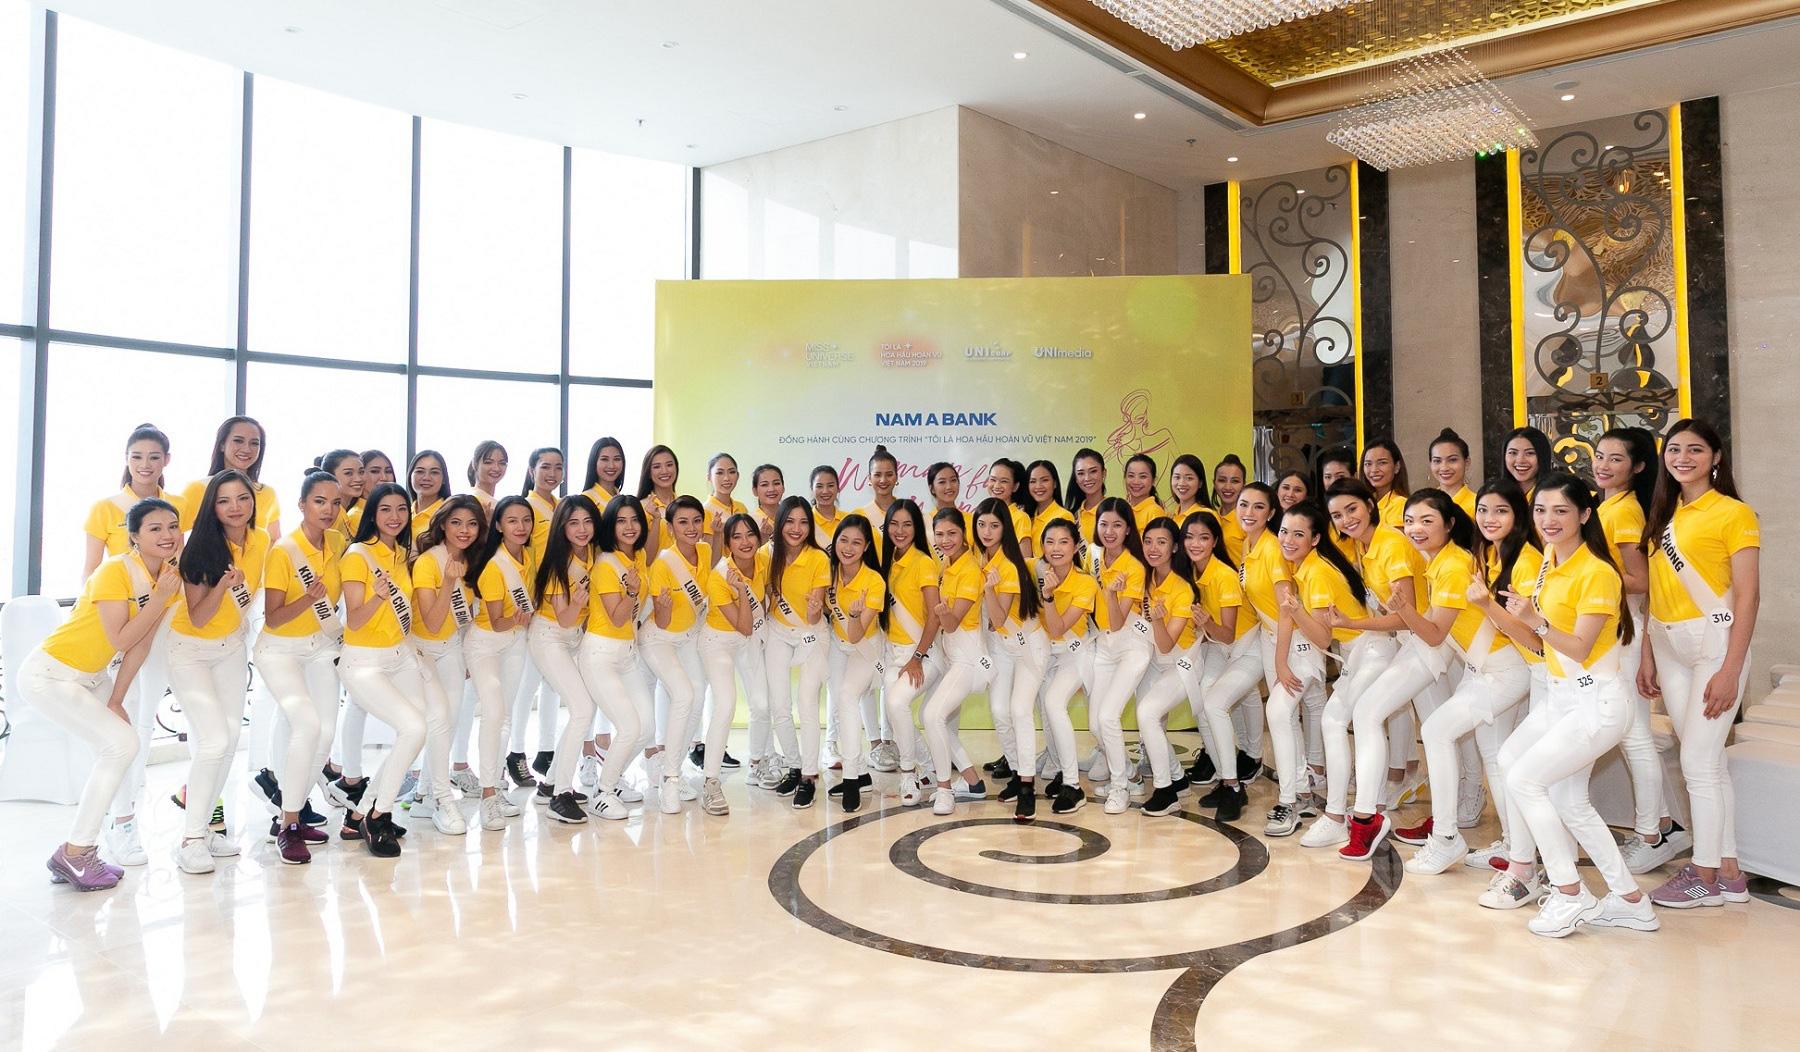 Nam Á Bank tư vấn kỹ năng xây dựng doanh nghiệp xã hội cho top 60 Hoa hậu Hoàn vũ Việt Nam 2019 - Ảnh 4.